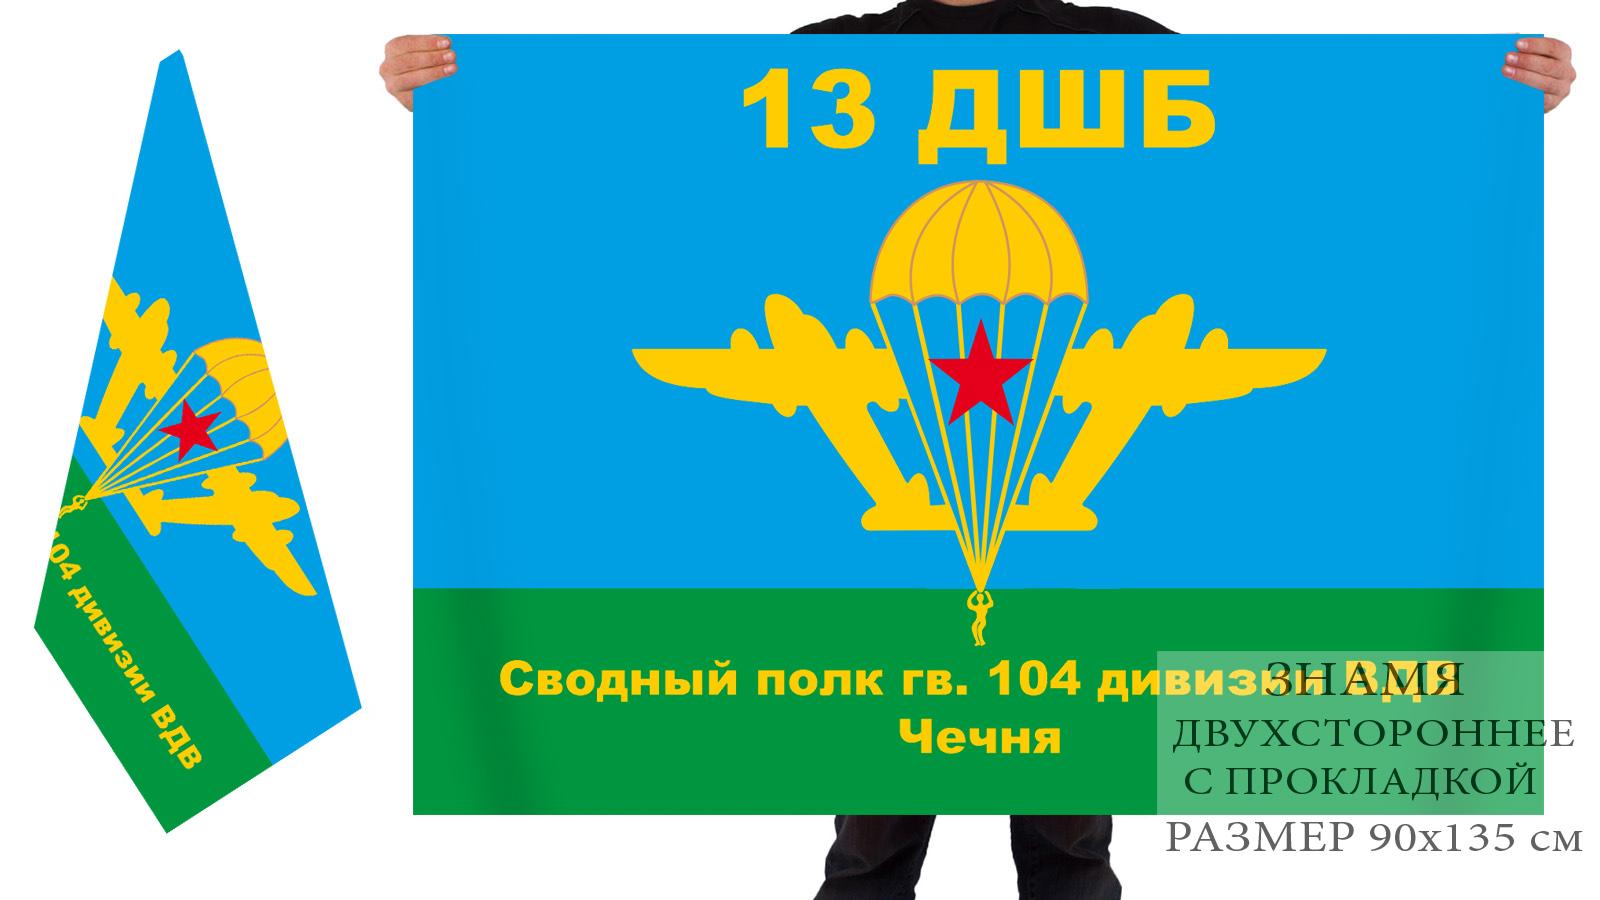 Двусторонний полк 13 ДШБ сводного полка 104 дивизии ВДВ